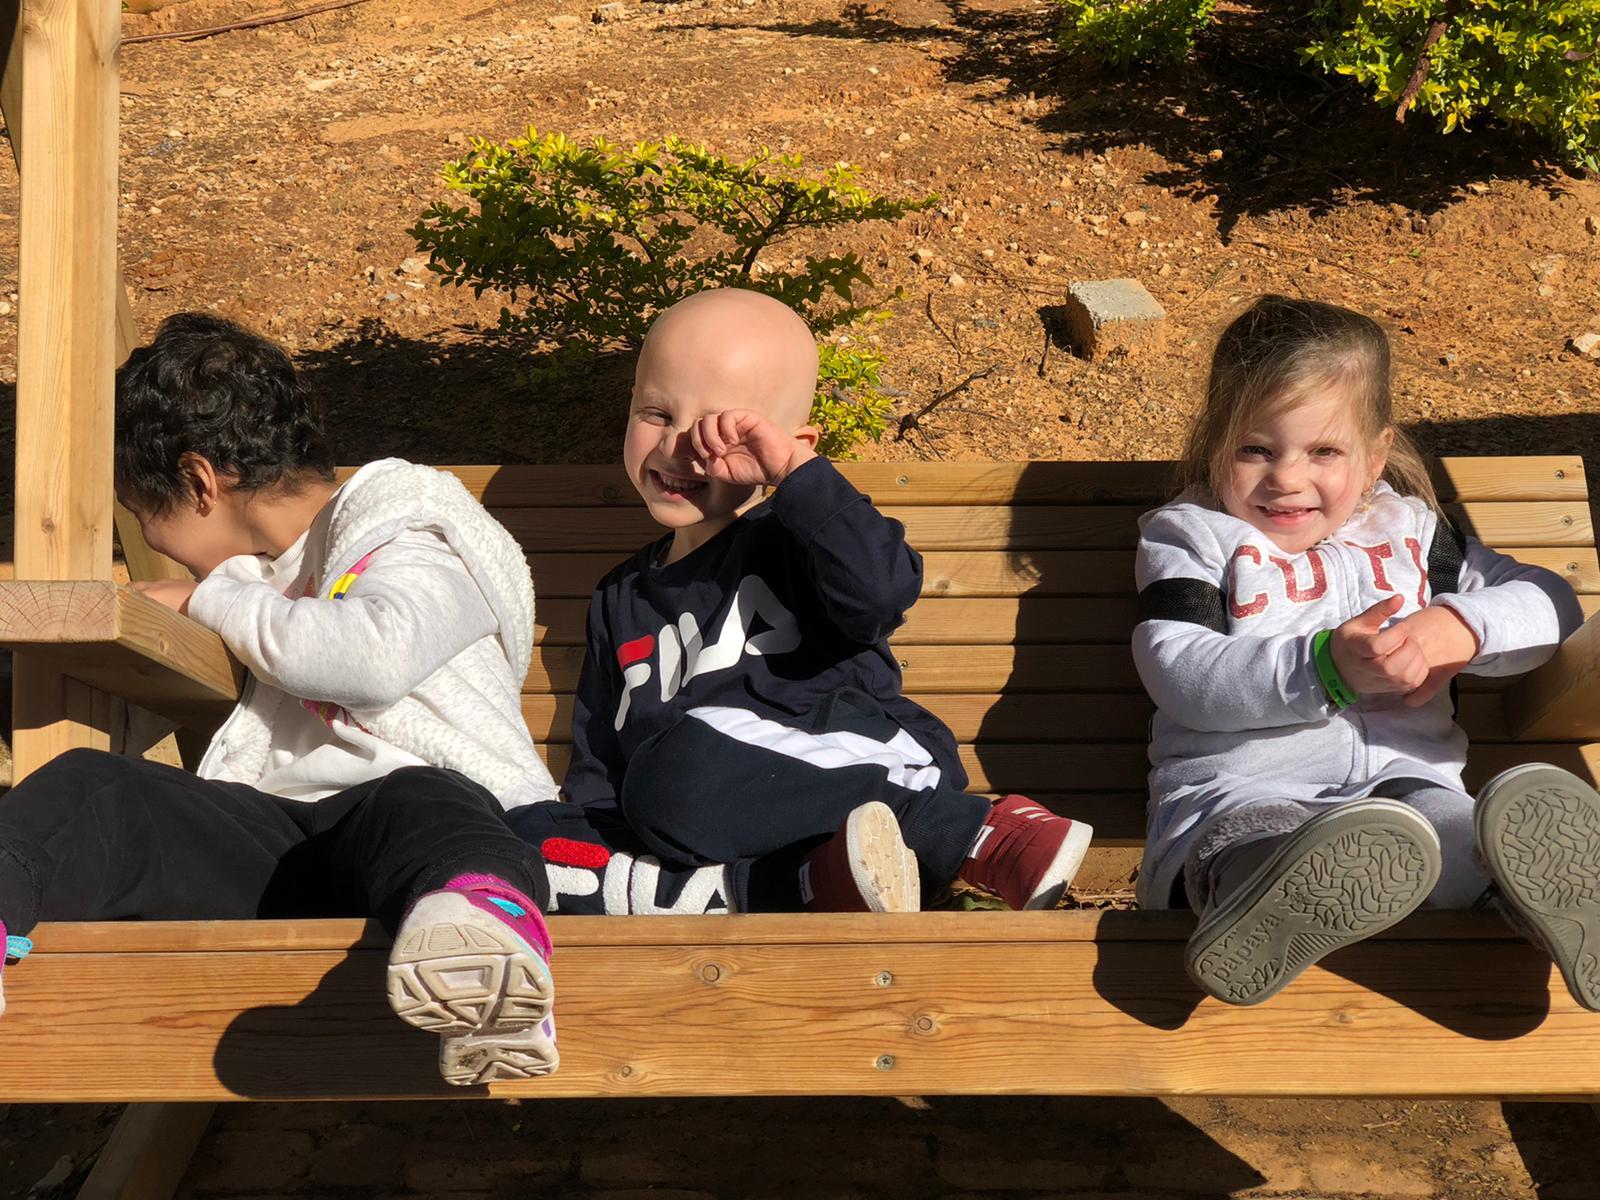 תרמו גם אתם לעמותת רחשי לב לבית הילד בתל השומר - בית לילדים המתמודדים עם מחלת הסרטן